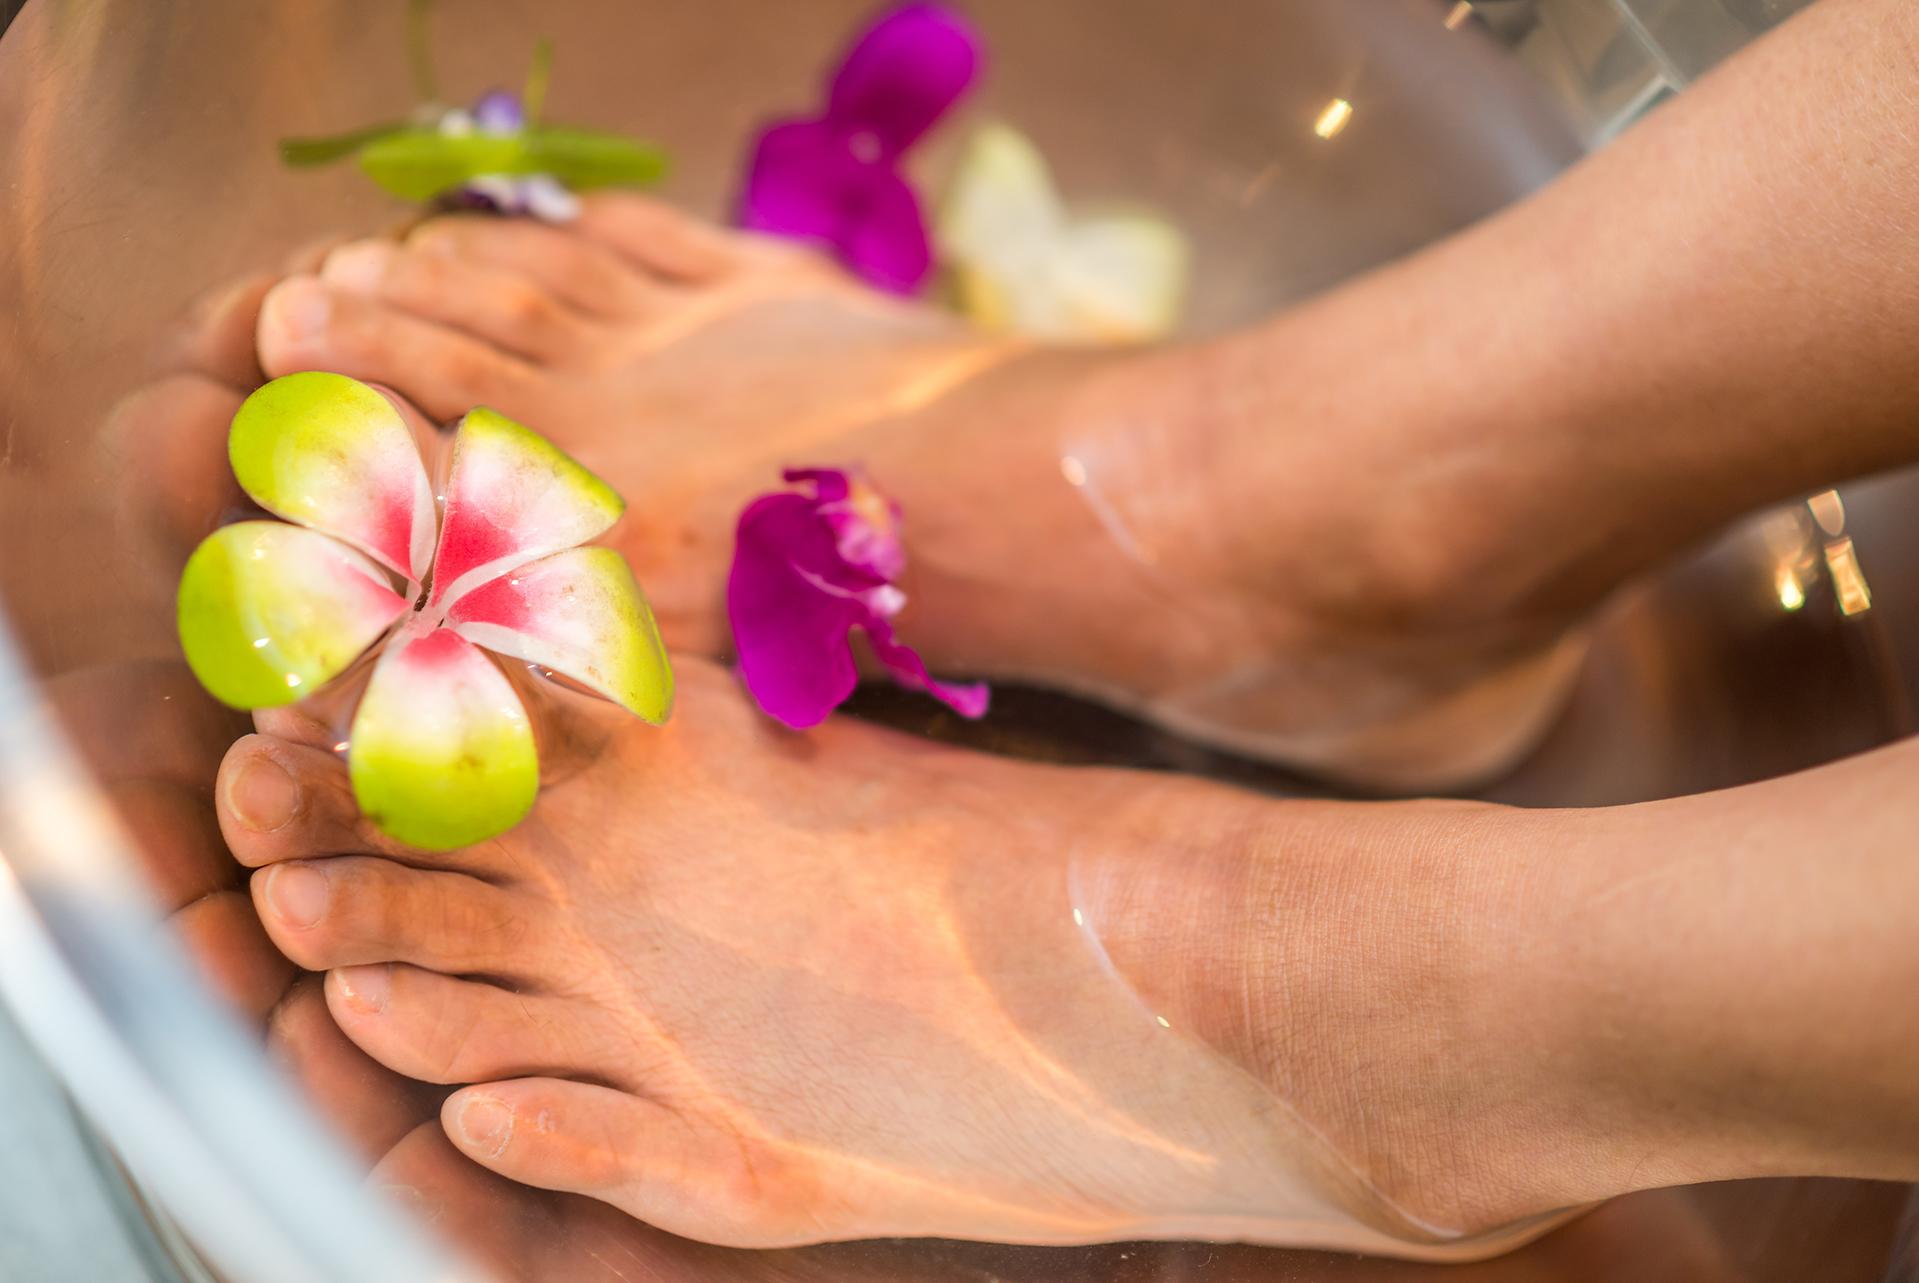 Footreflex massage